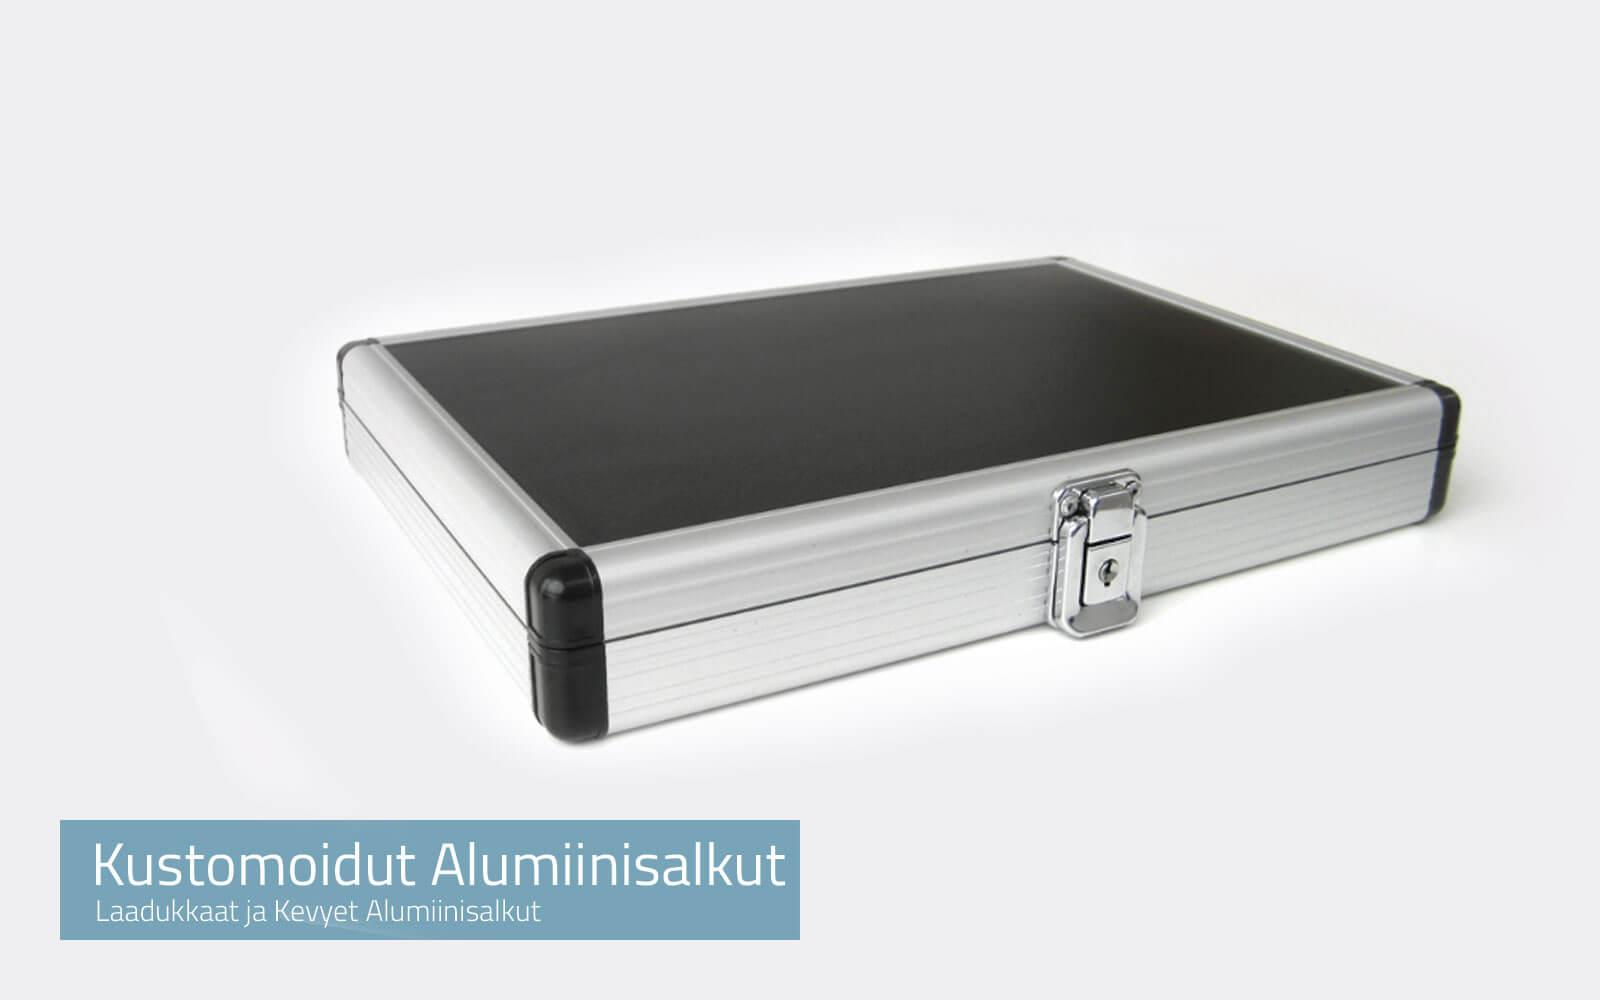 Alumiinisalkut mittojen mukaan